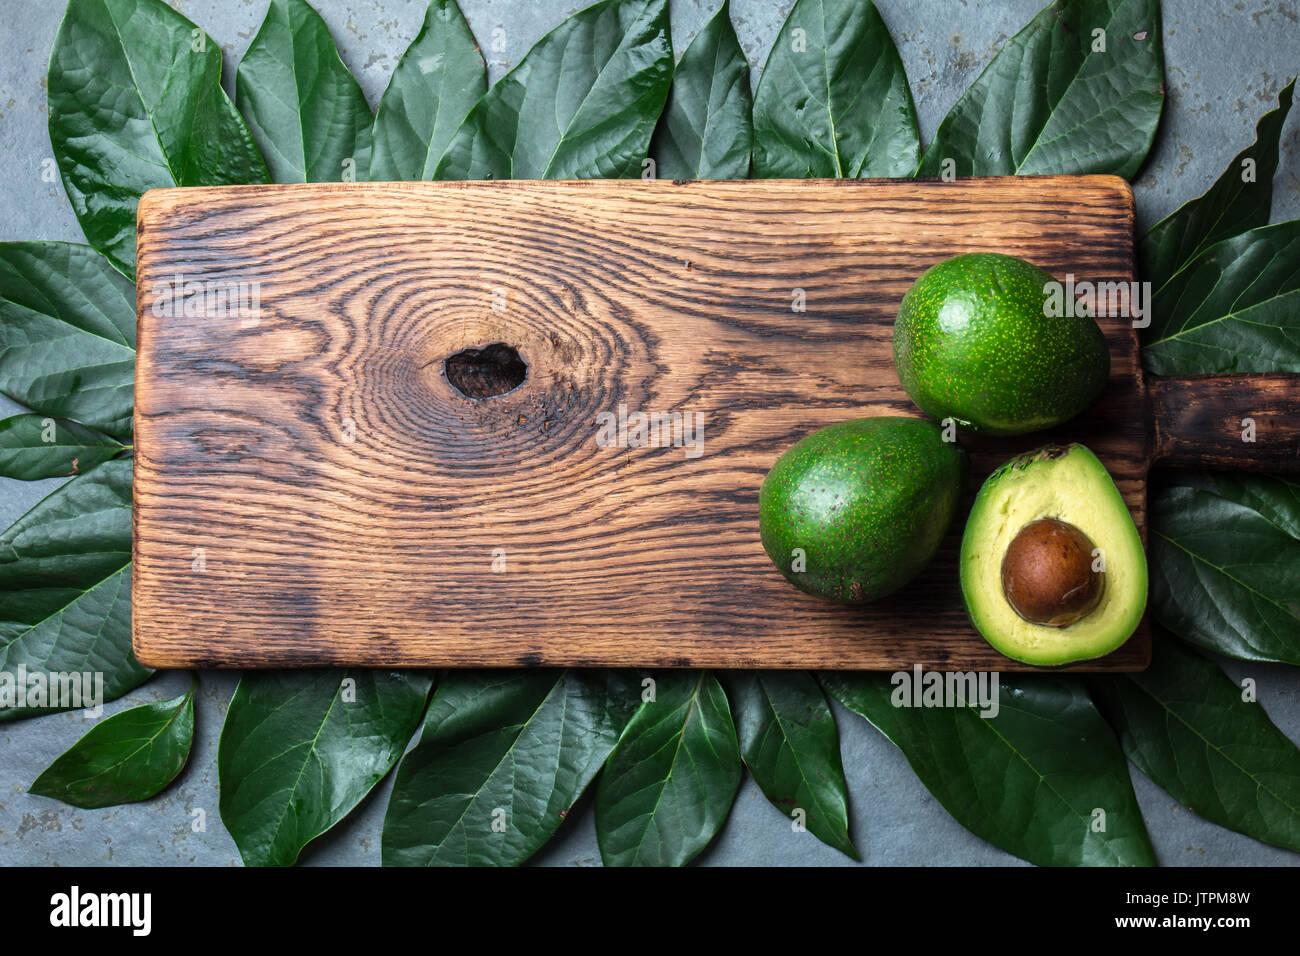 Essen Hintergrund mit frischen Avocado Avocado Baum Blätter und Holz Schneidebrett. Ernte Konzept, Guacamole Zutaten. Gesunde Fette, Omega 3. Die Hälfte o Stockbild